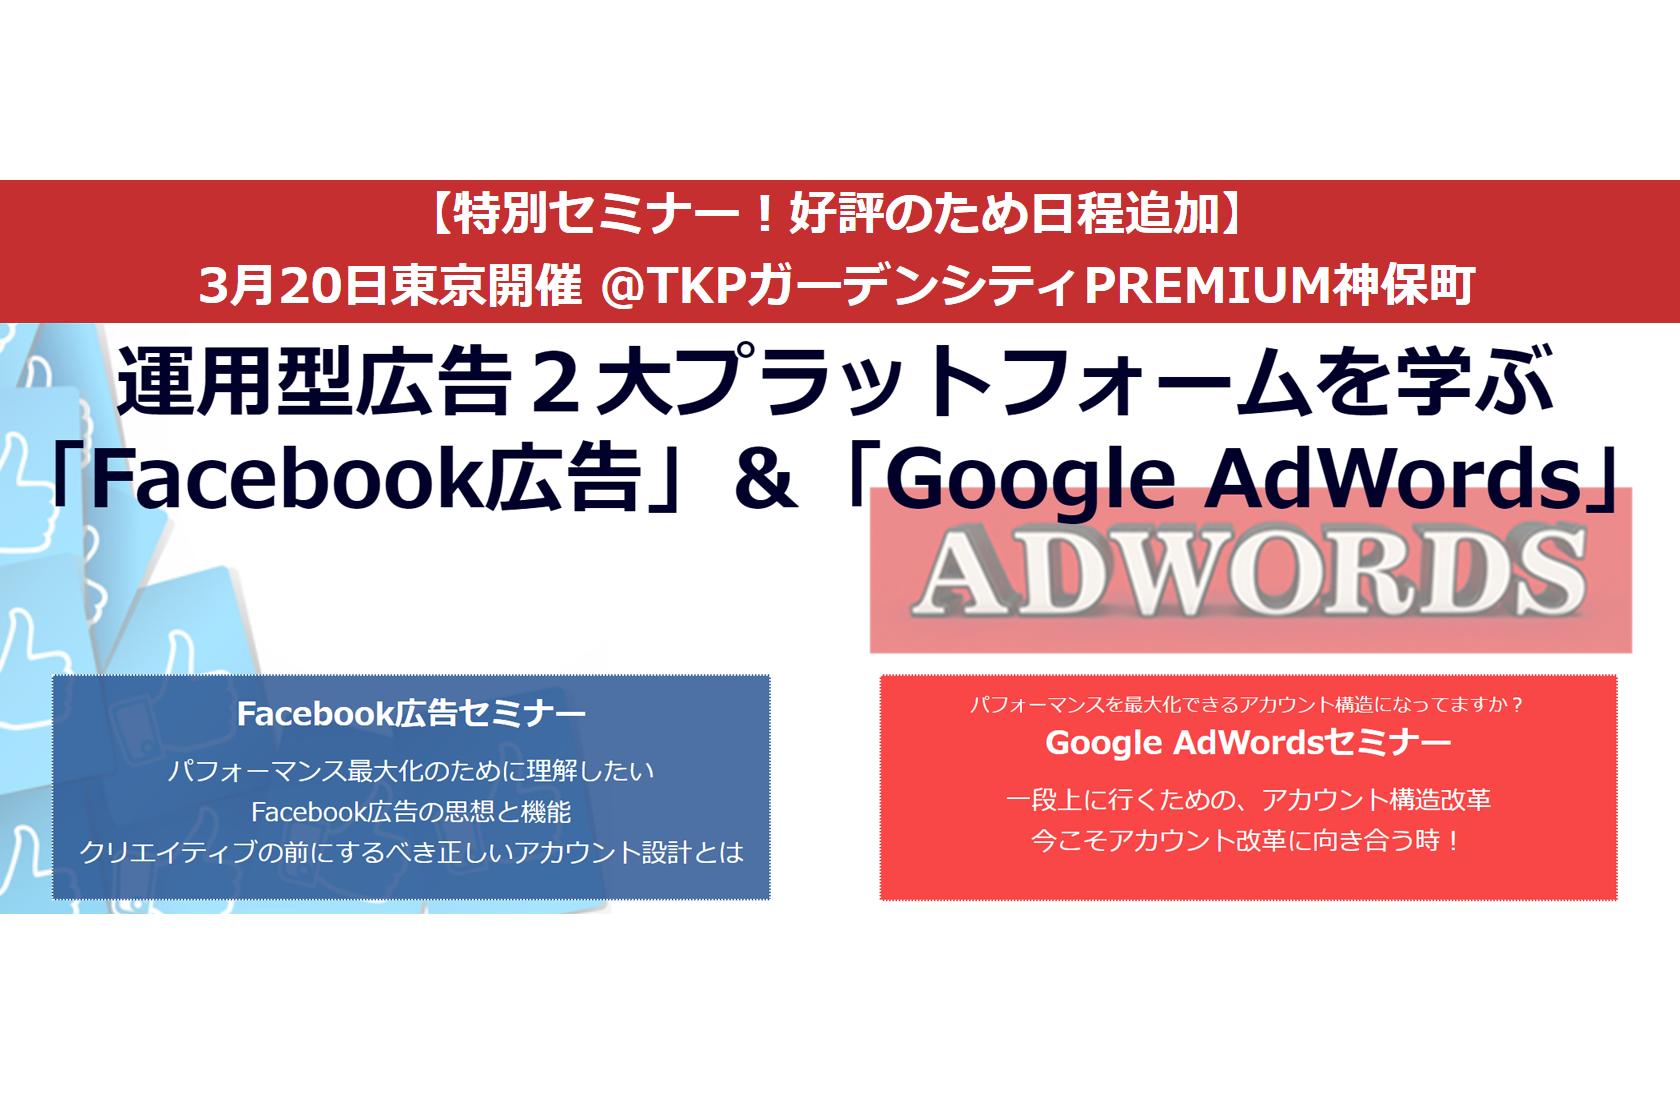 2018年3月20日好評につき開催決定!『運用型広告の2大プラットフォームをおさらい!Facebook広告&Google AdWords』